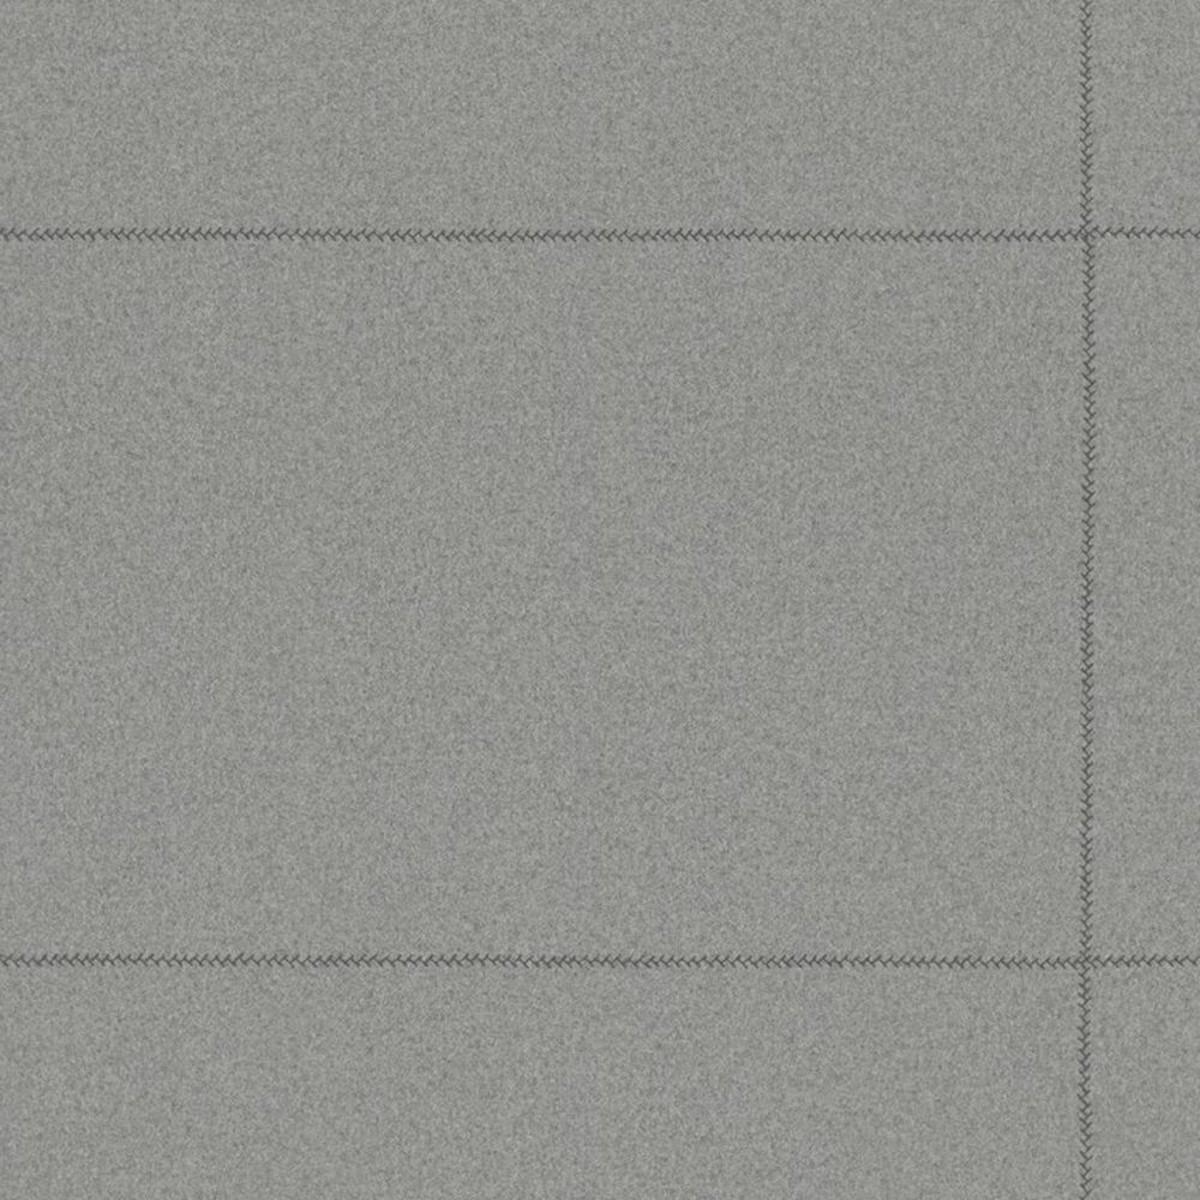 Обои флизелиновые Rasch Bond Street 2015 серые 0.53 м 726510